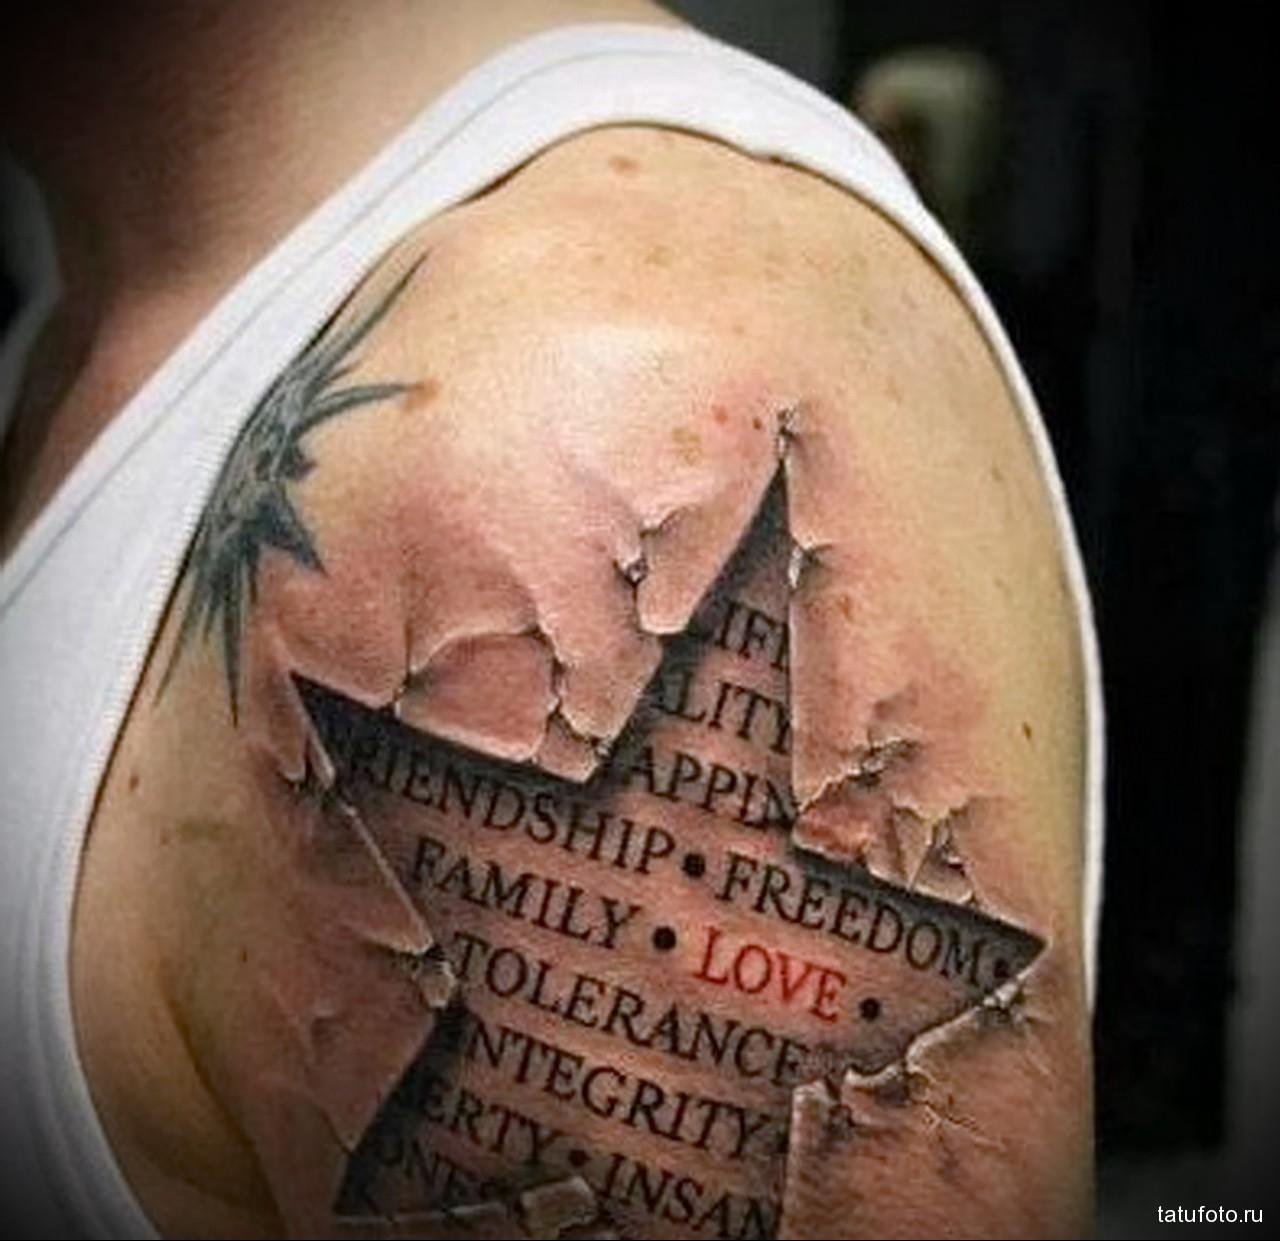 тату трафарет звезда и надписи на заднем плане - мужская татуировка на плече